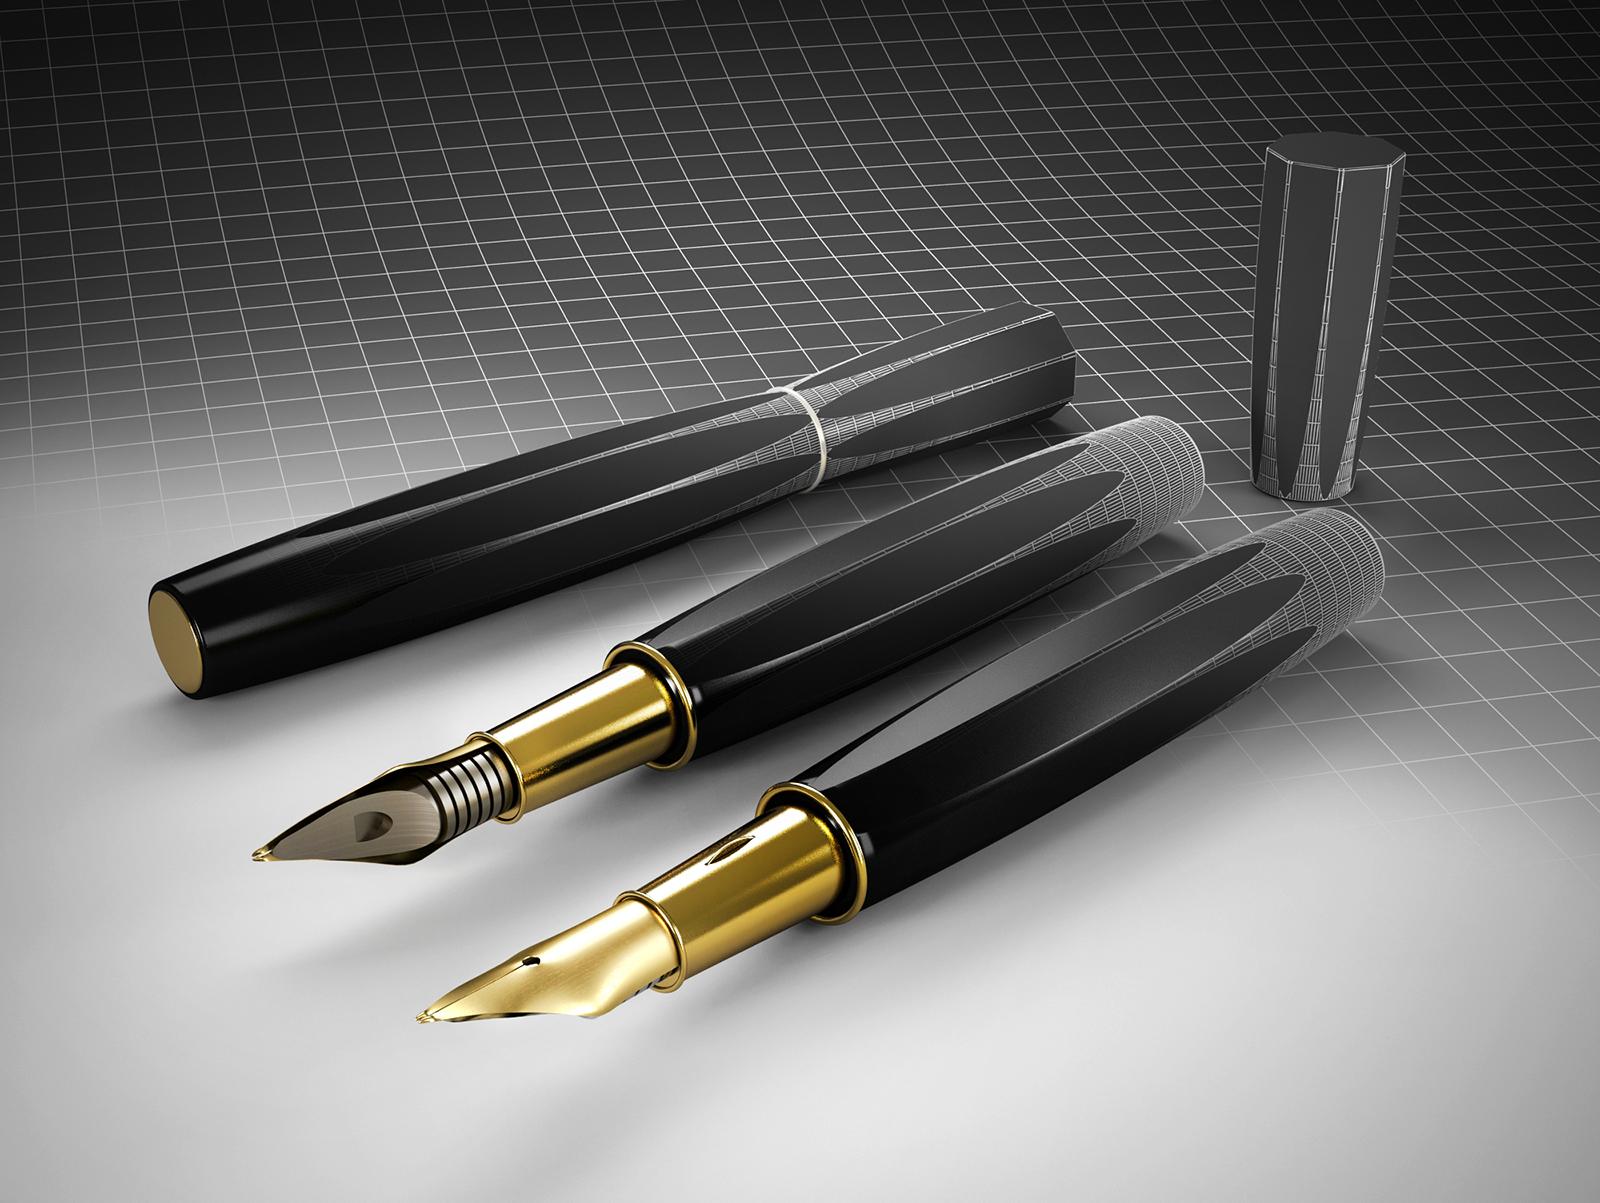 3D Pen Render-2